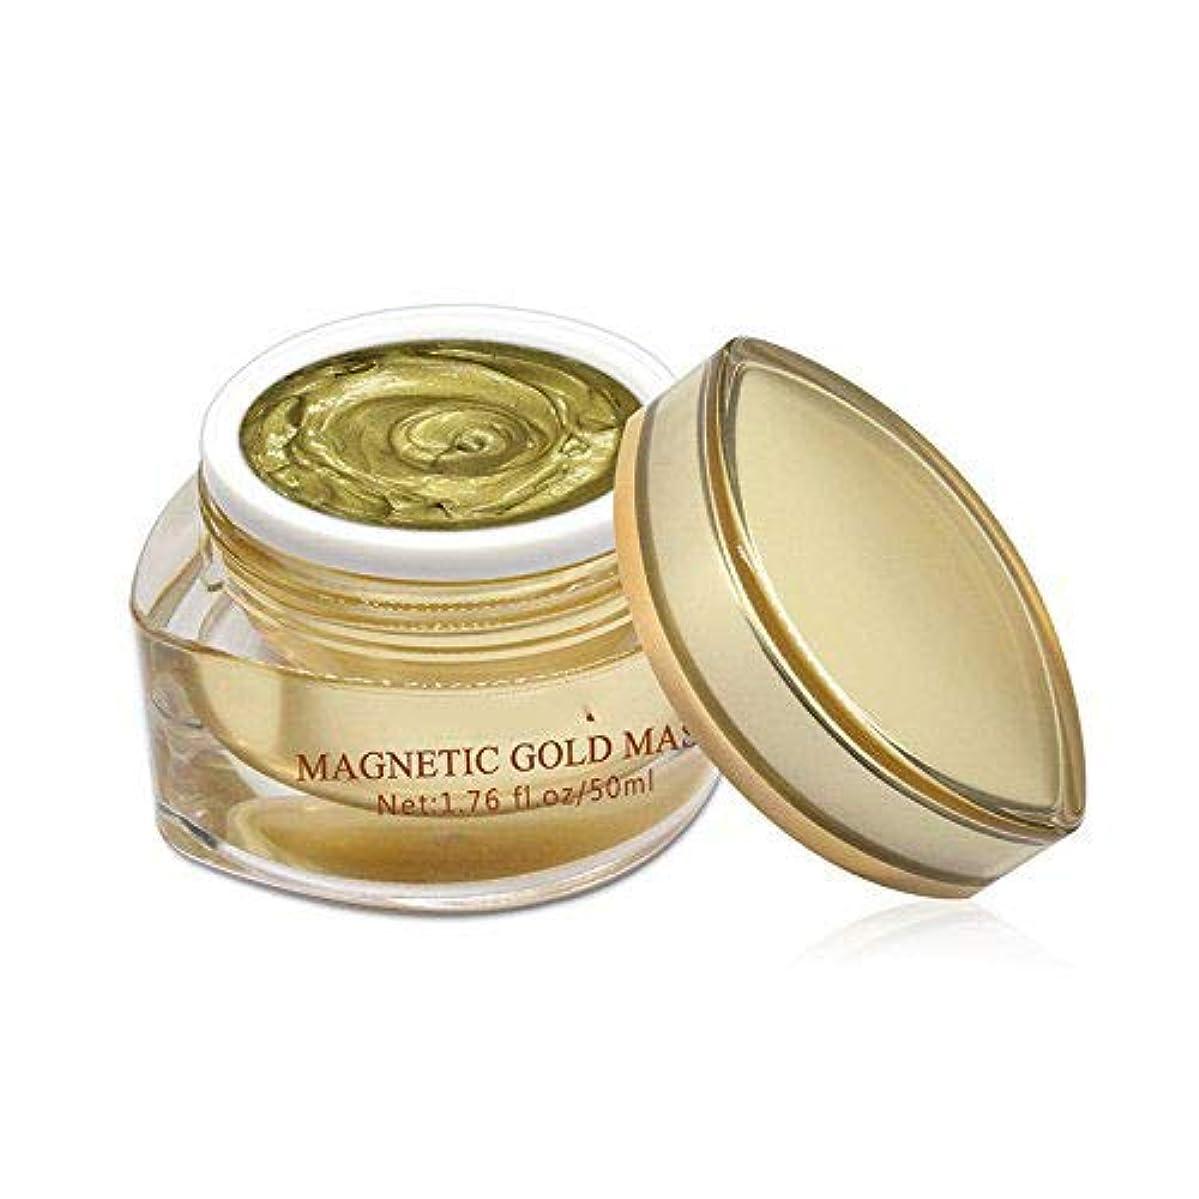 プラットフォーム海洋リサイクルするマスククリーム マグネットマスクゴールドシャイン磁気フェイスマスクミネラルリッチアンチストレスモイスチャライジングアンチエイジングポアクレンジング50 ml